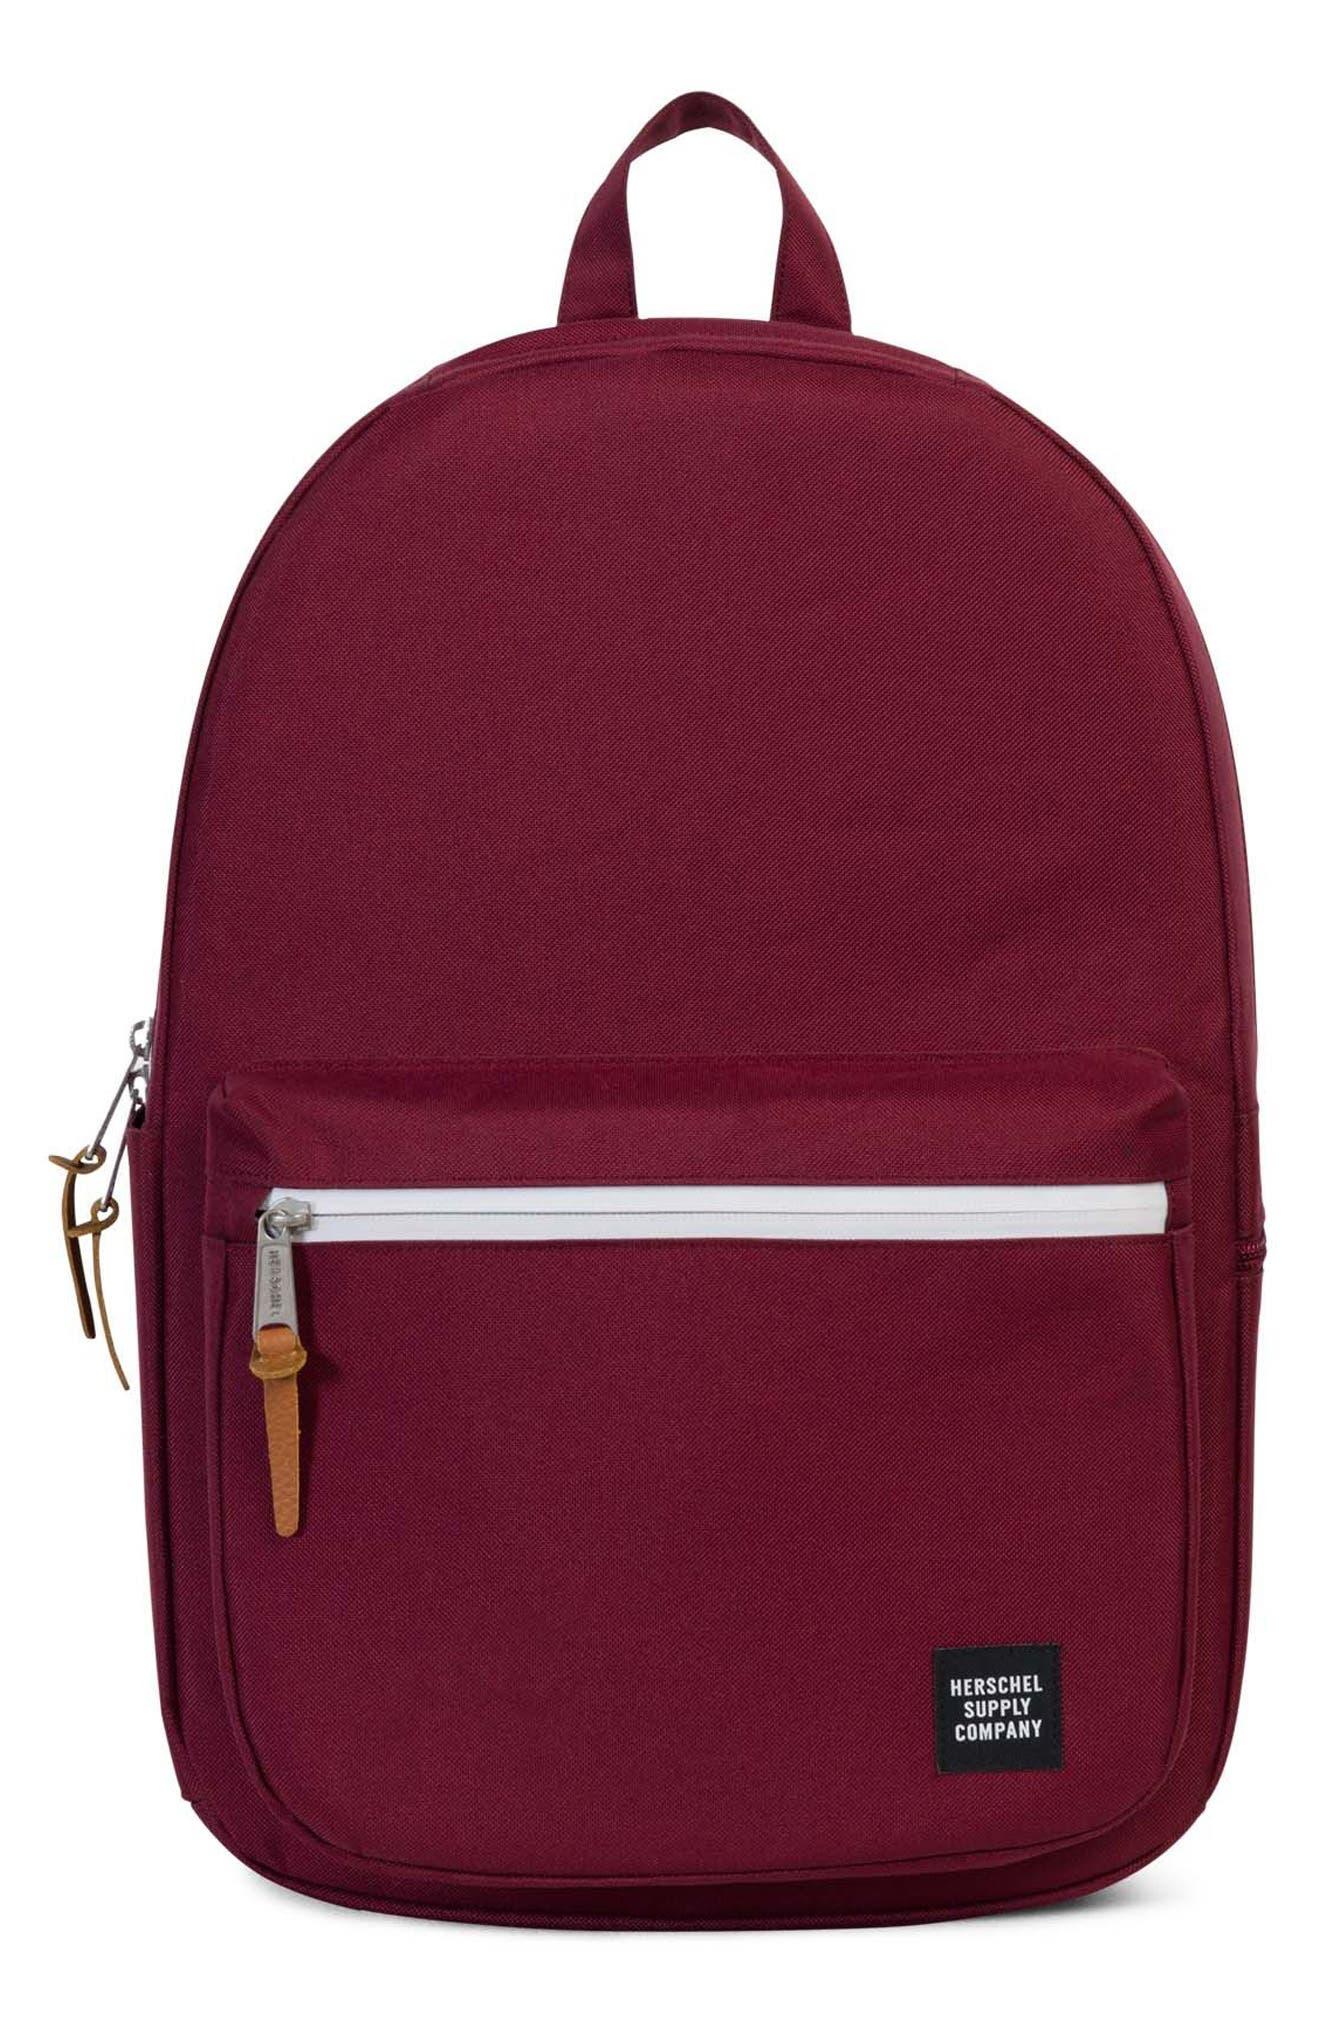 Harrison Backpack,                             Main thumbnail 1, color,                             613